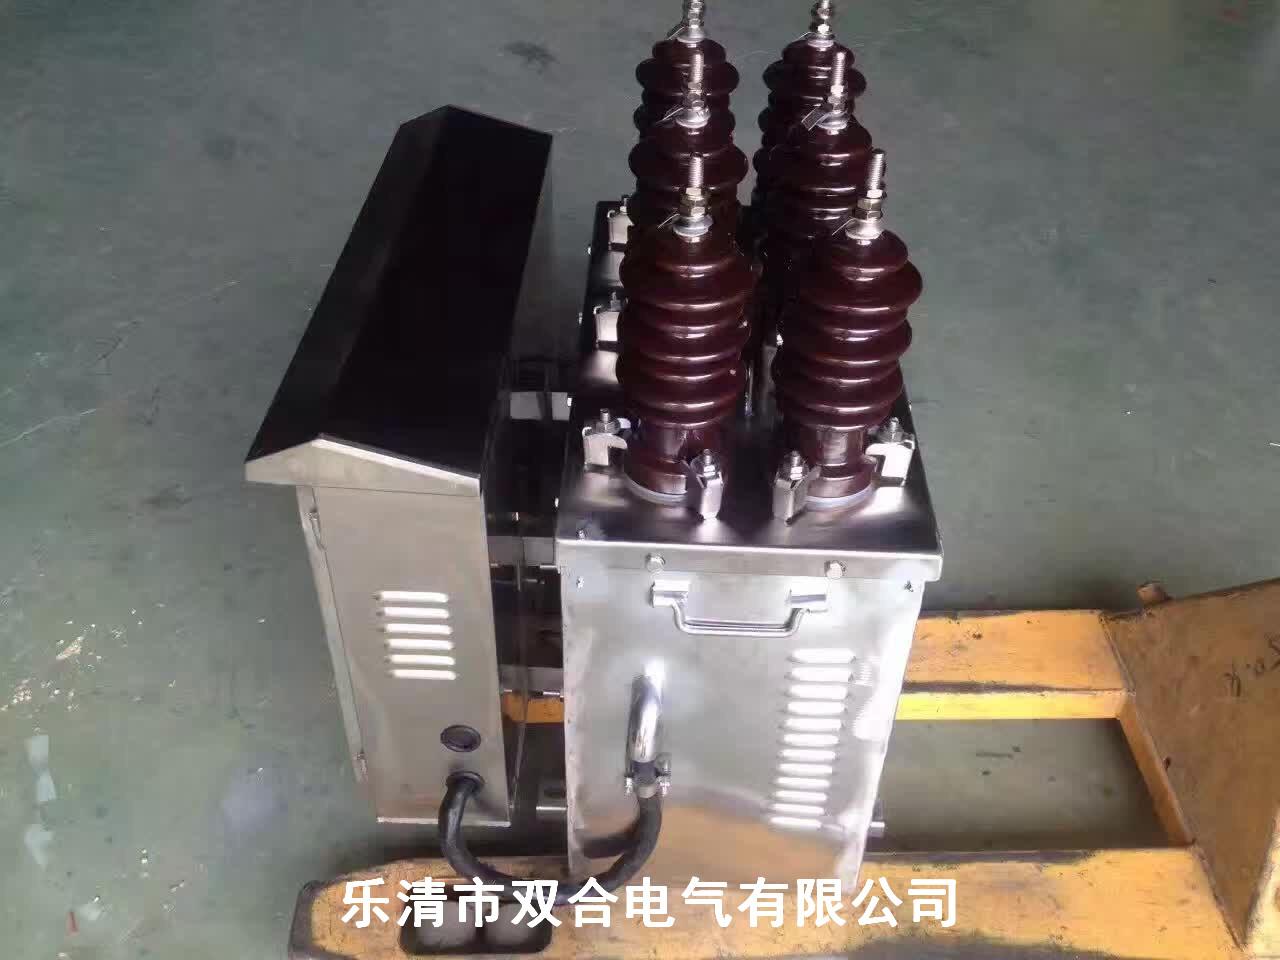 JLSZ-35高壓計量箱批發廠家直銷